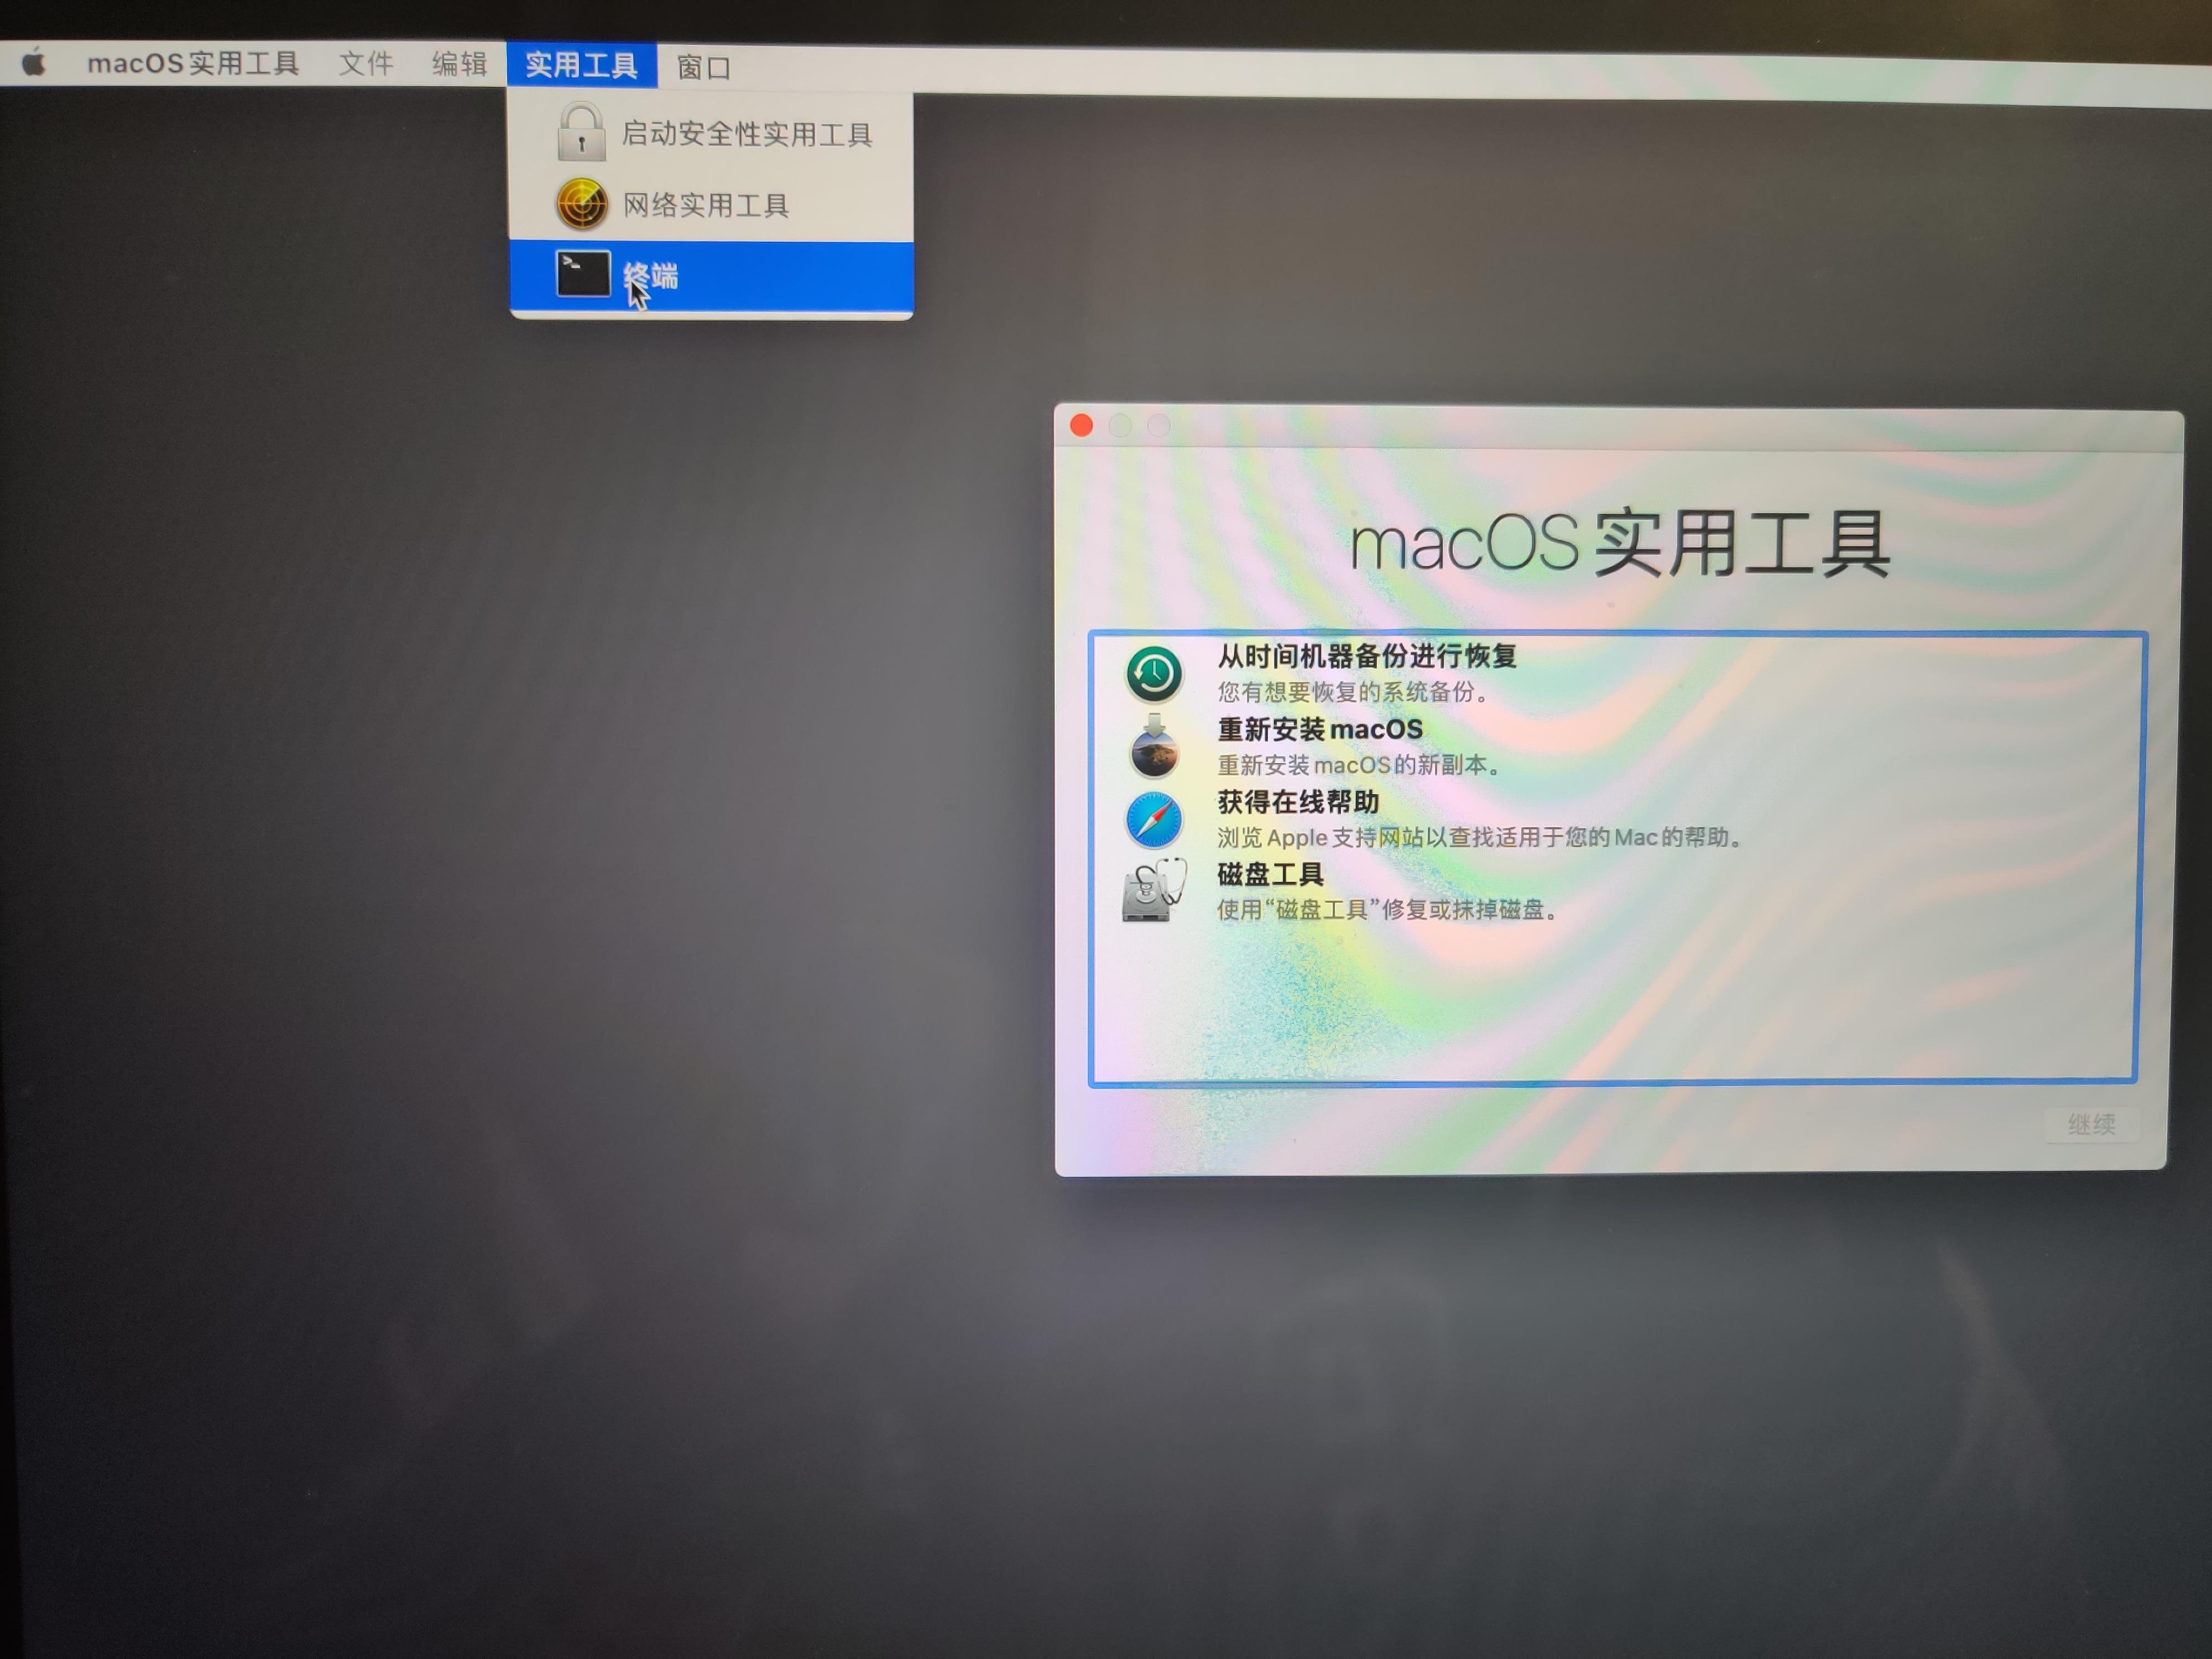 TripMode 2.2.1 mac 最新中文破解版分享的图片-高老四博客 第3张